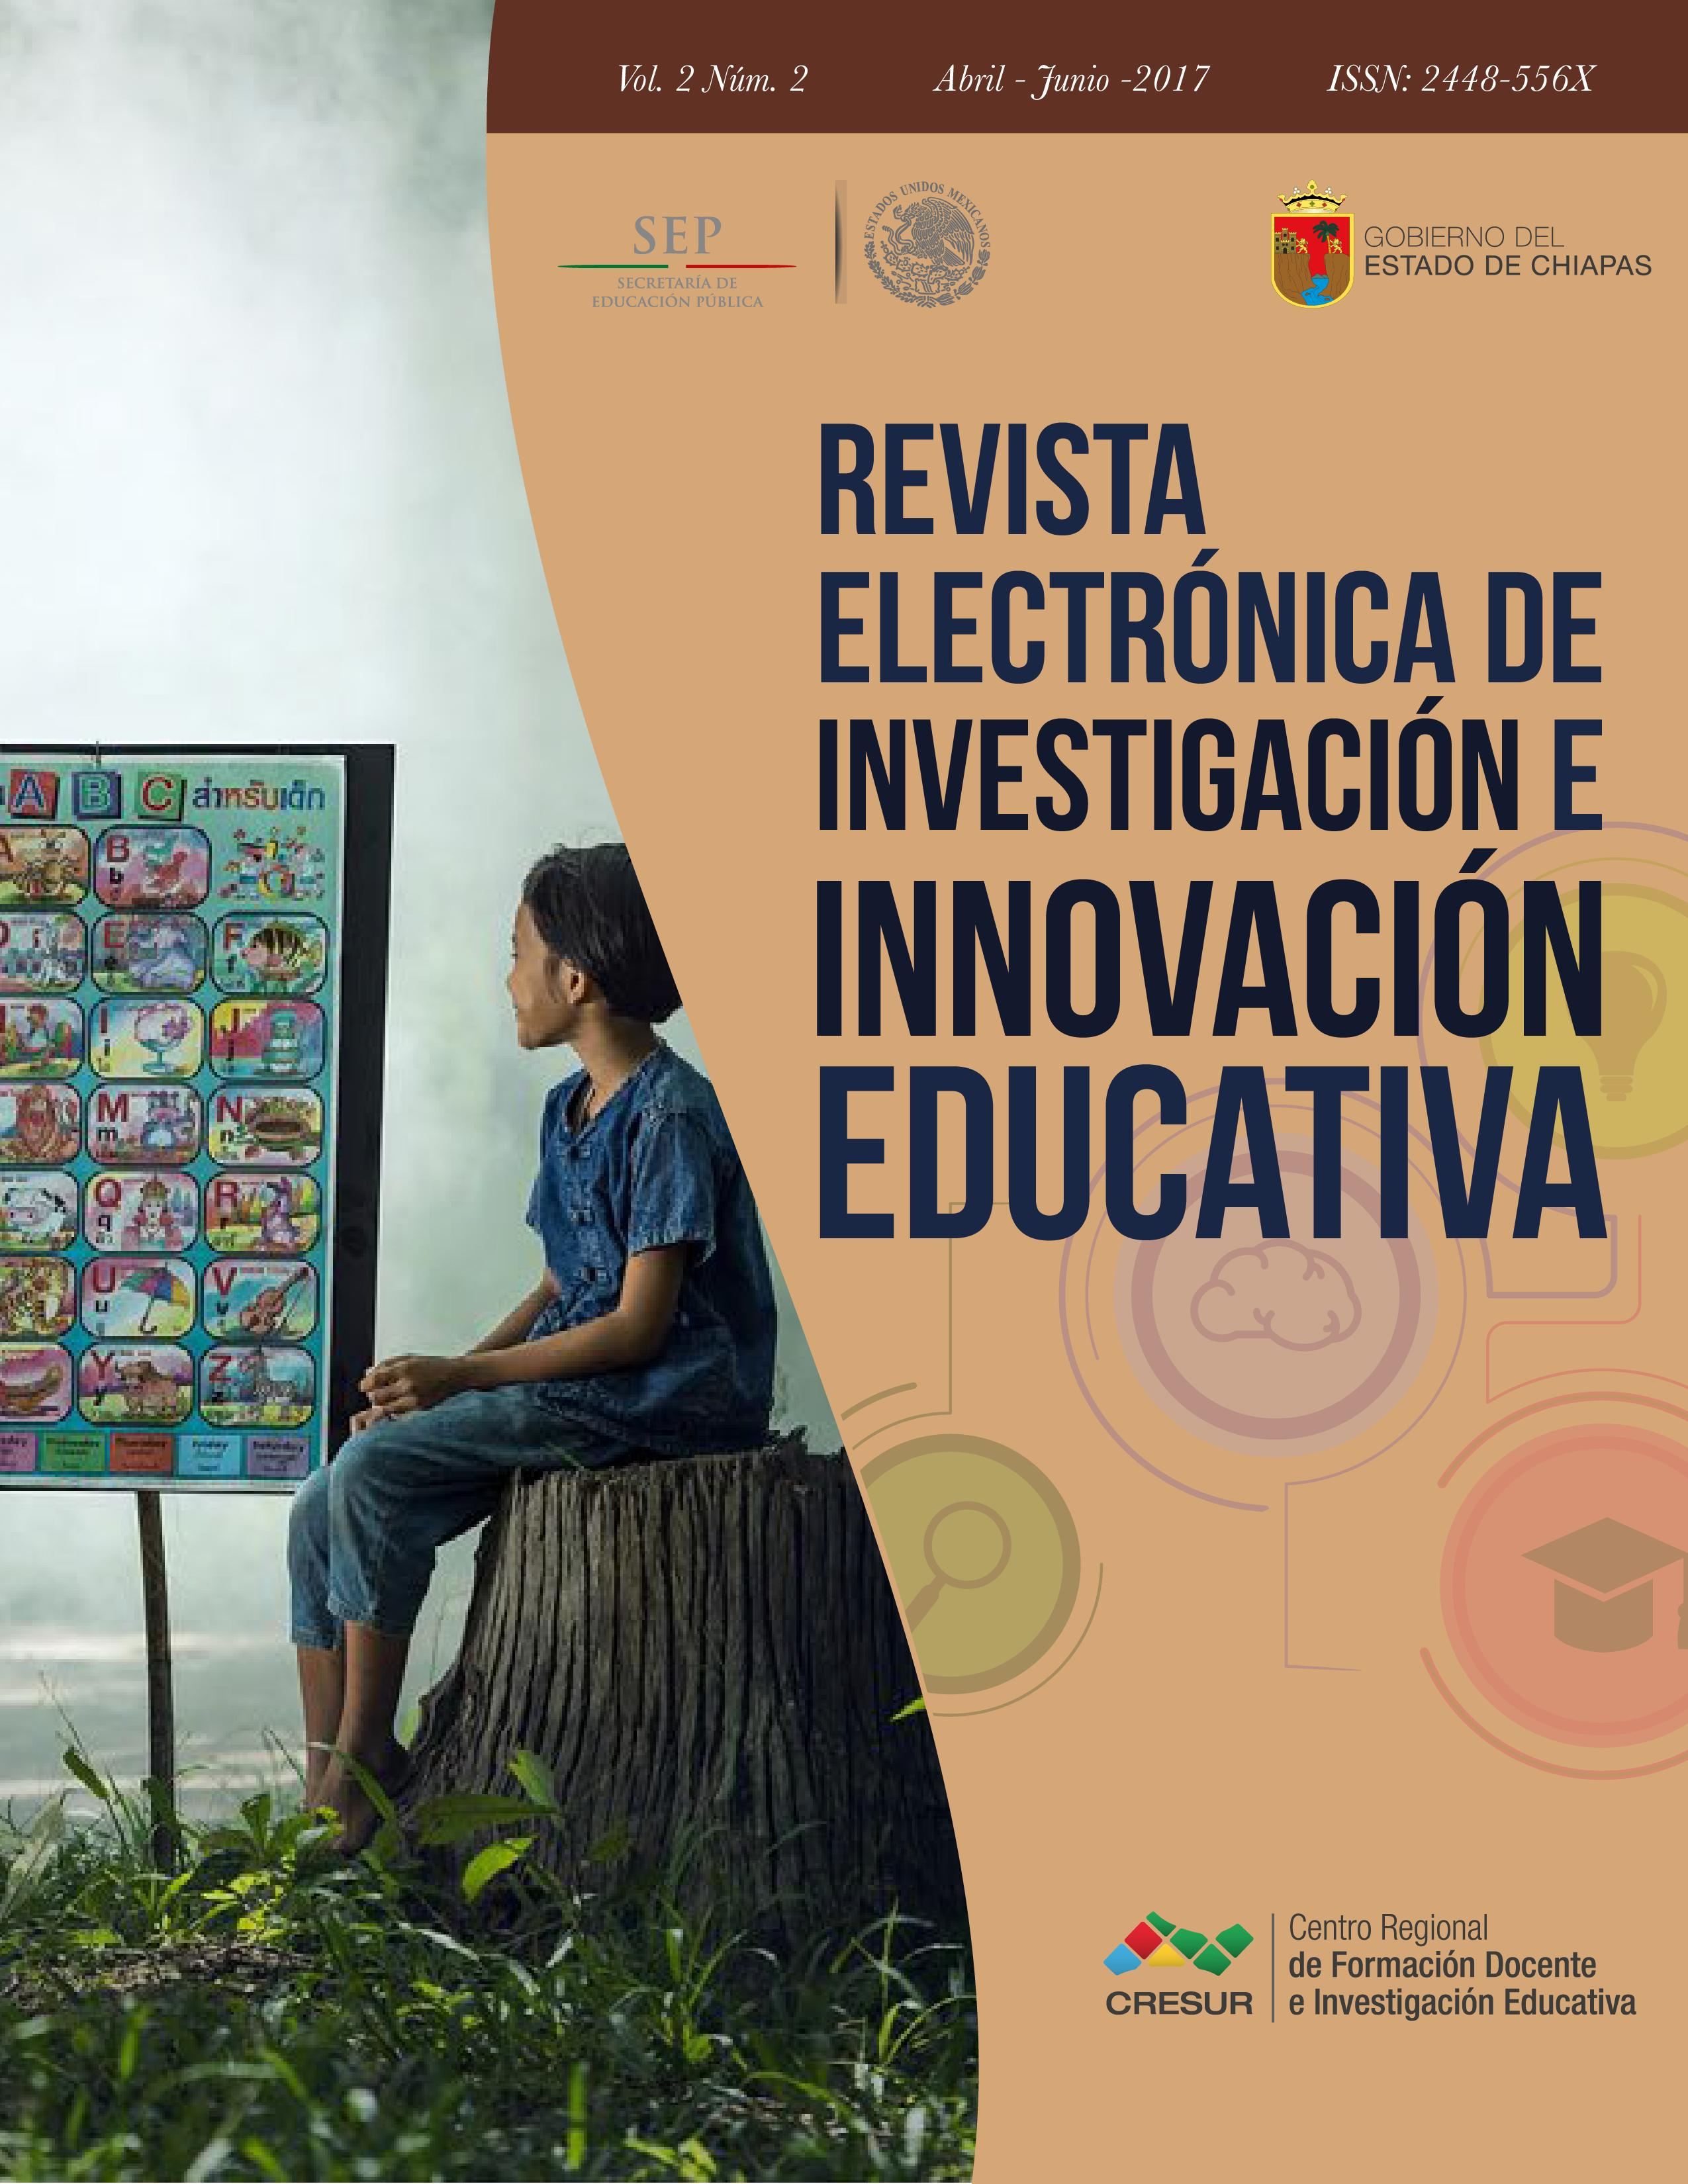 Revista Electrónica de Investigación e Innovación Educativa (Vol. 2 no. 2 abr-jun 2017)